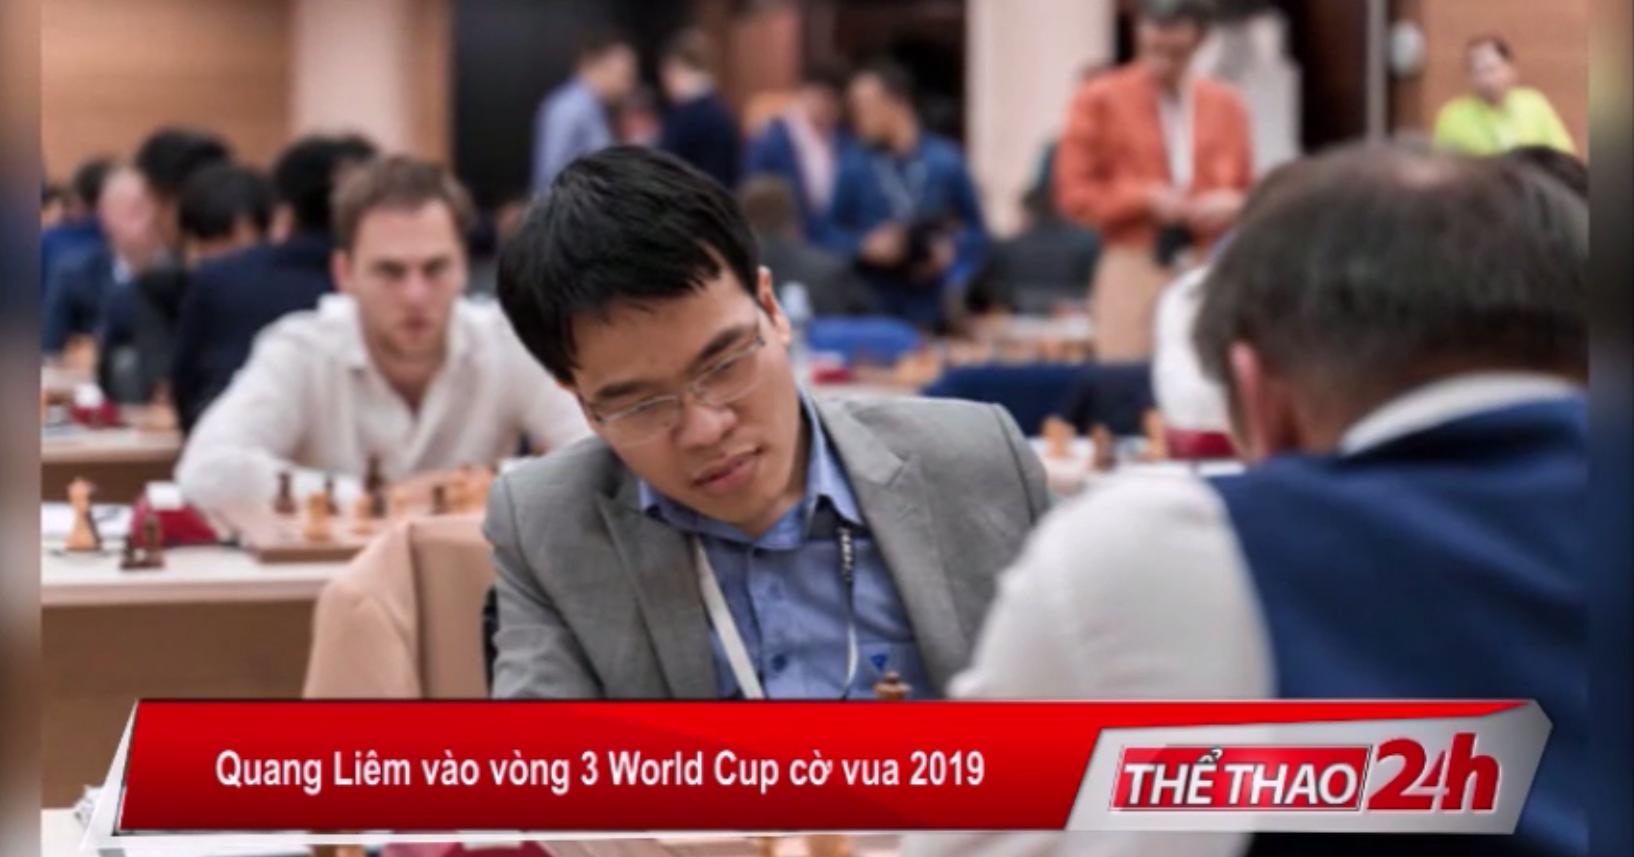 Quang Liêm vào vòng 3 World Cup Cờ Vua 2019